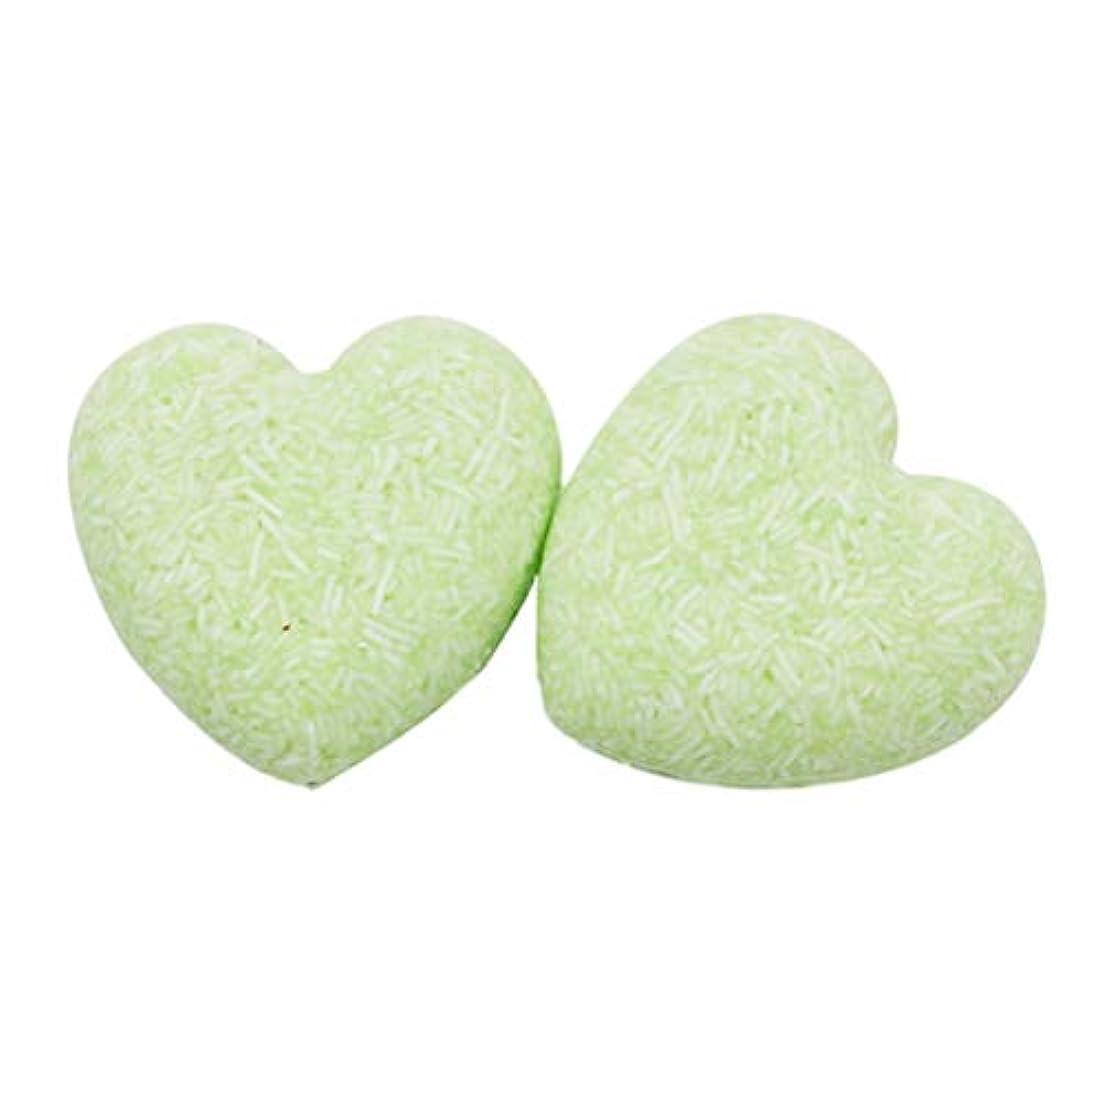 家族弱い克服するLurrose 2ピースヘアシャンプーバー石鹸栄養オイルコントロール育毛石鹸